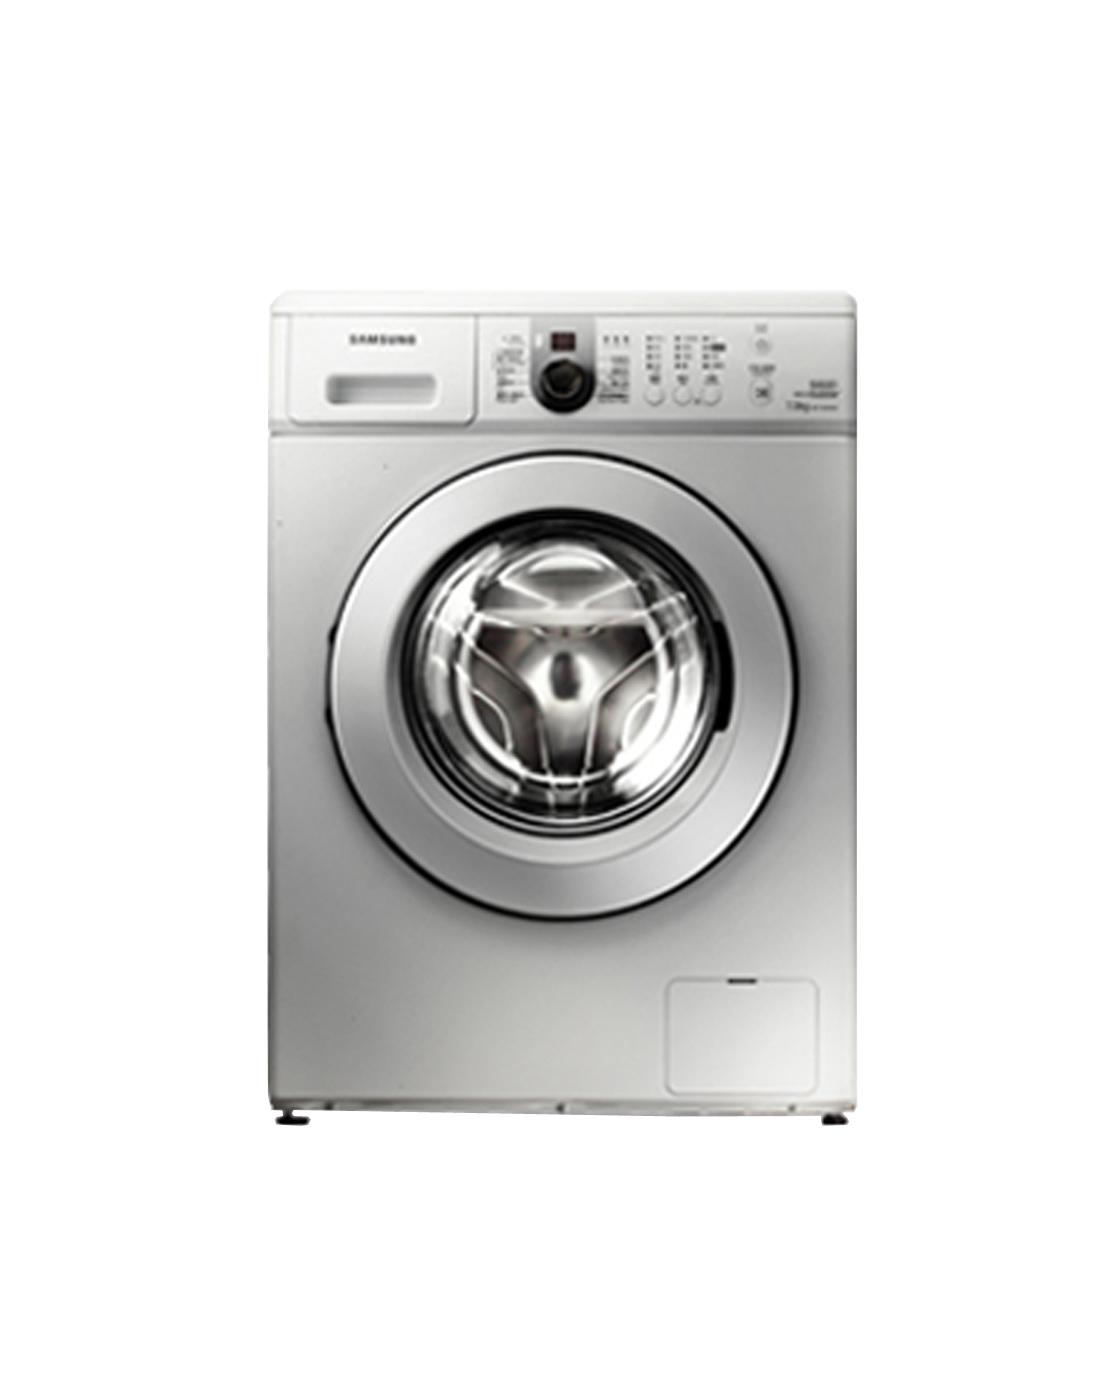 泡净超大内筒滚筒洗衣机()